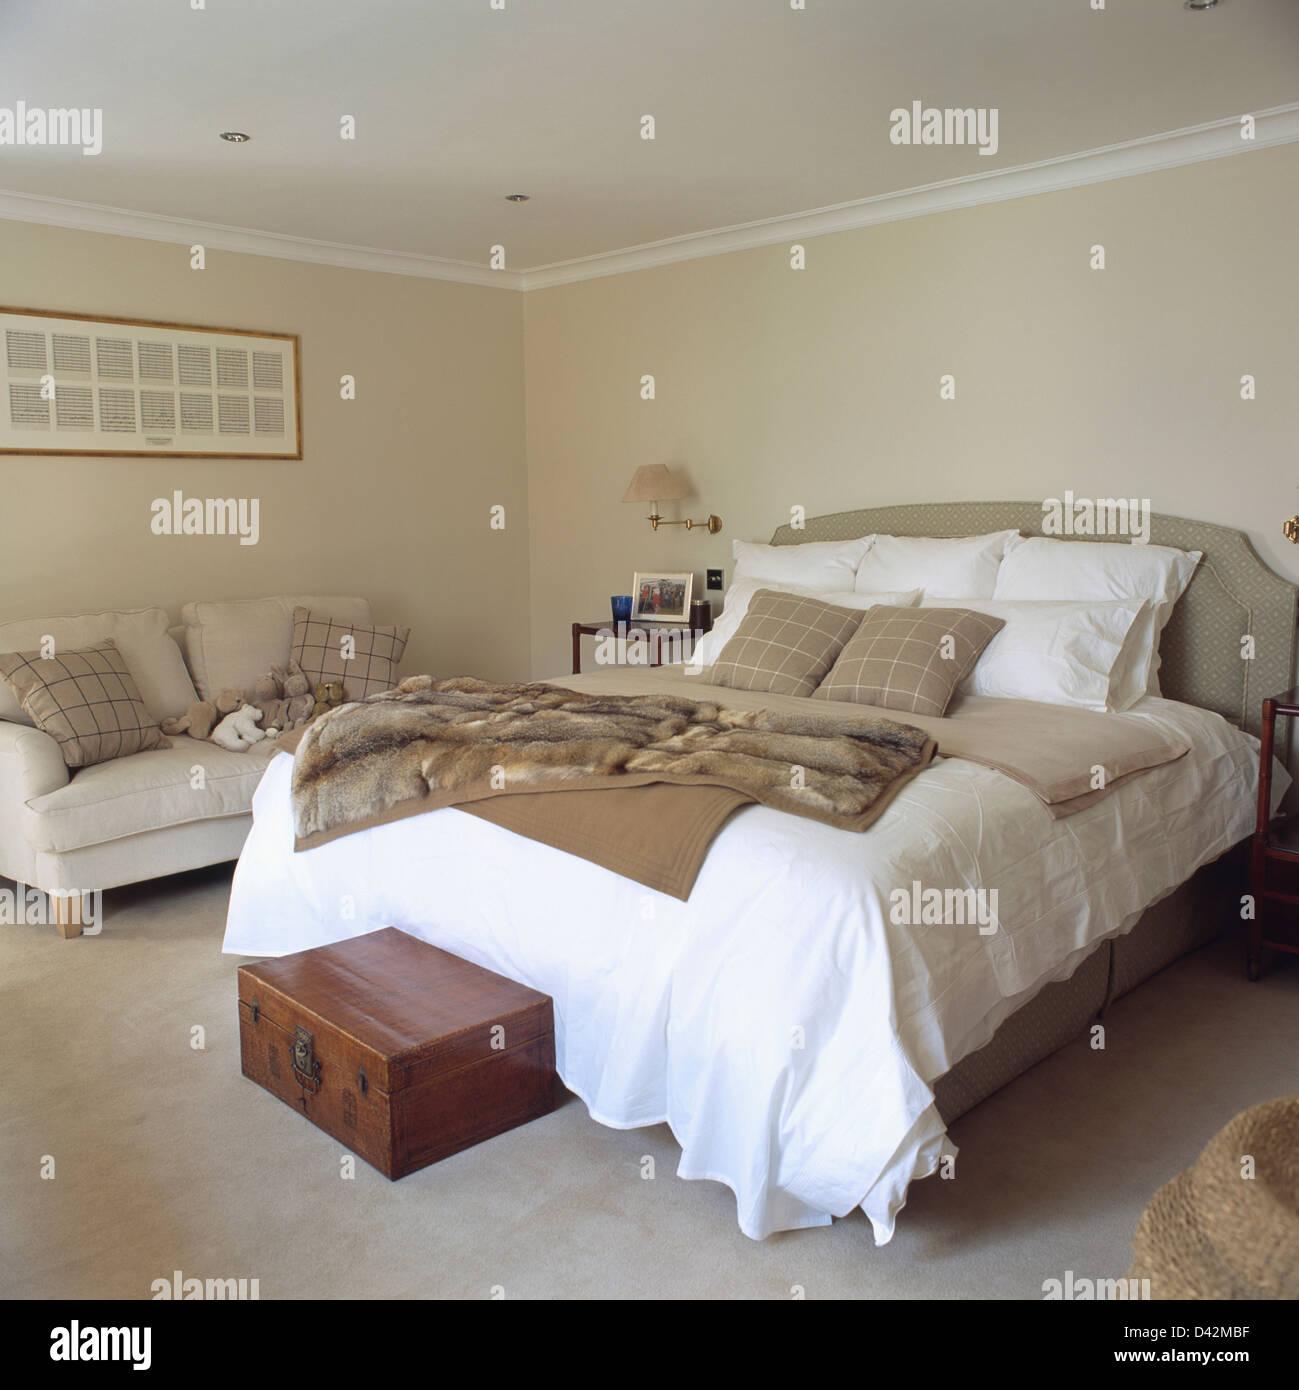 Kunstpelz Werfen Auf Bett Mit Weißem Leinen In Reihenhaus Schlafzimmer Mit  Kleine Holzkiste Und Beige Sofa